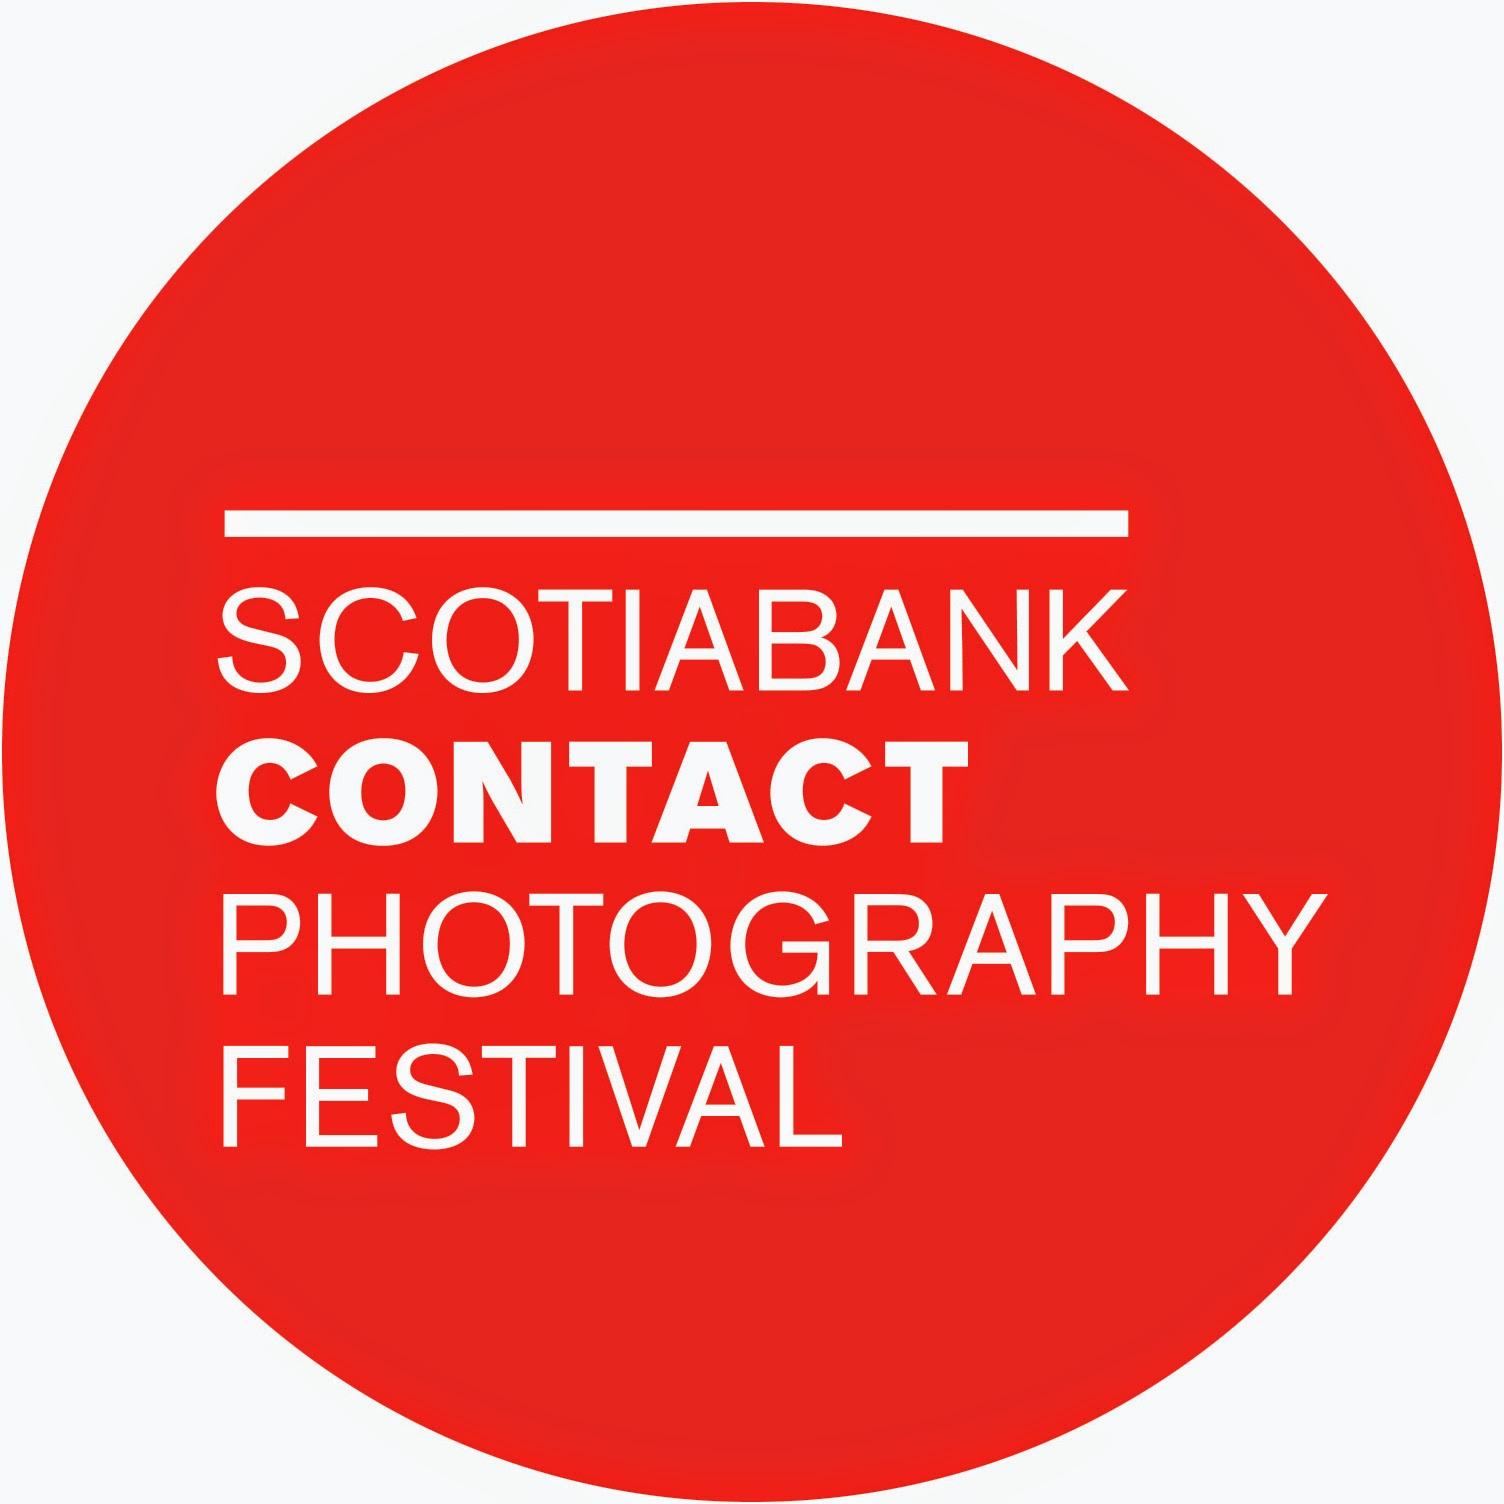 scotiabank contact